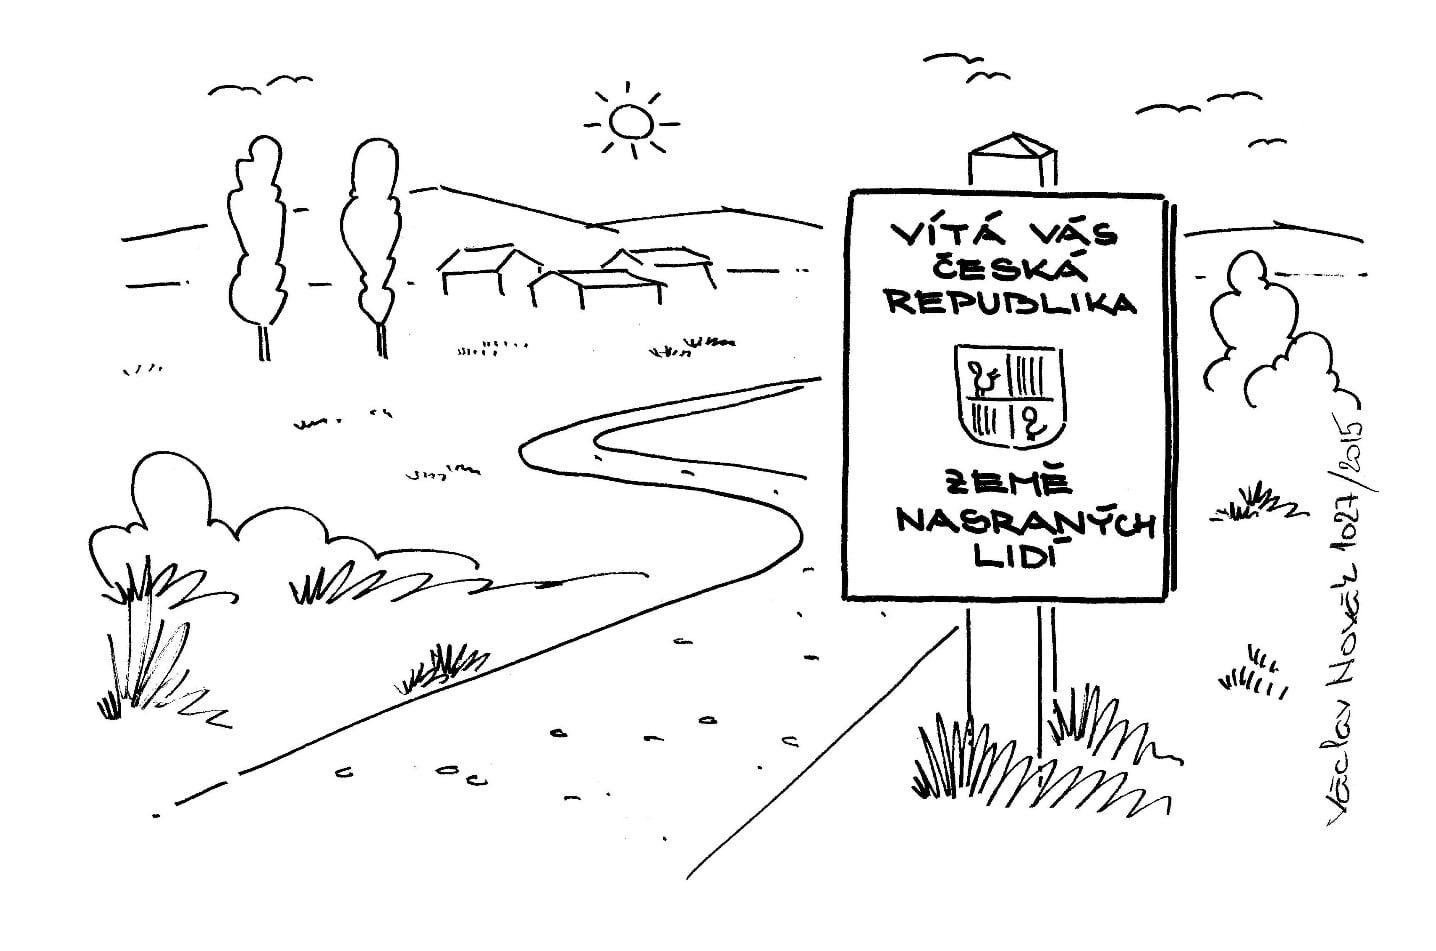 Výběr kreslených vtipů Václava Nováka